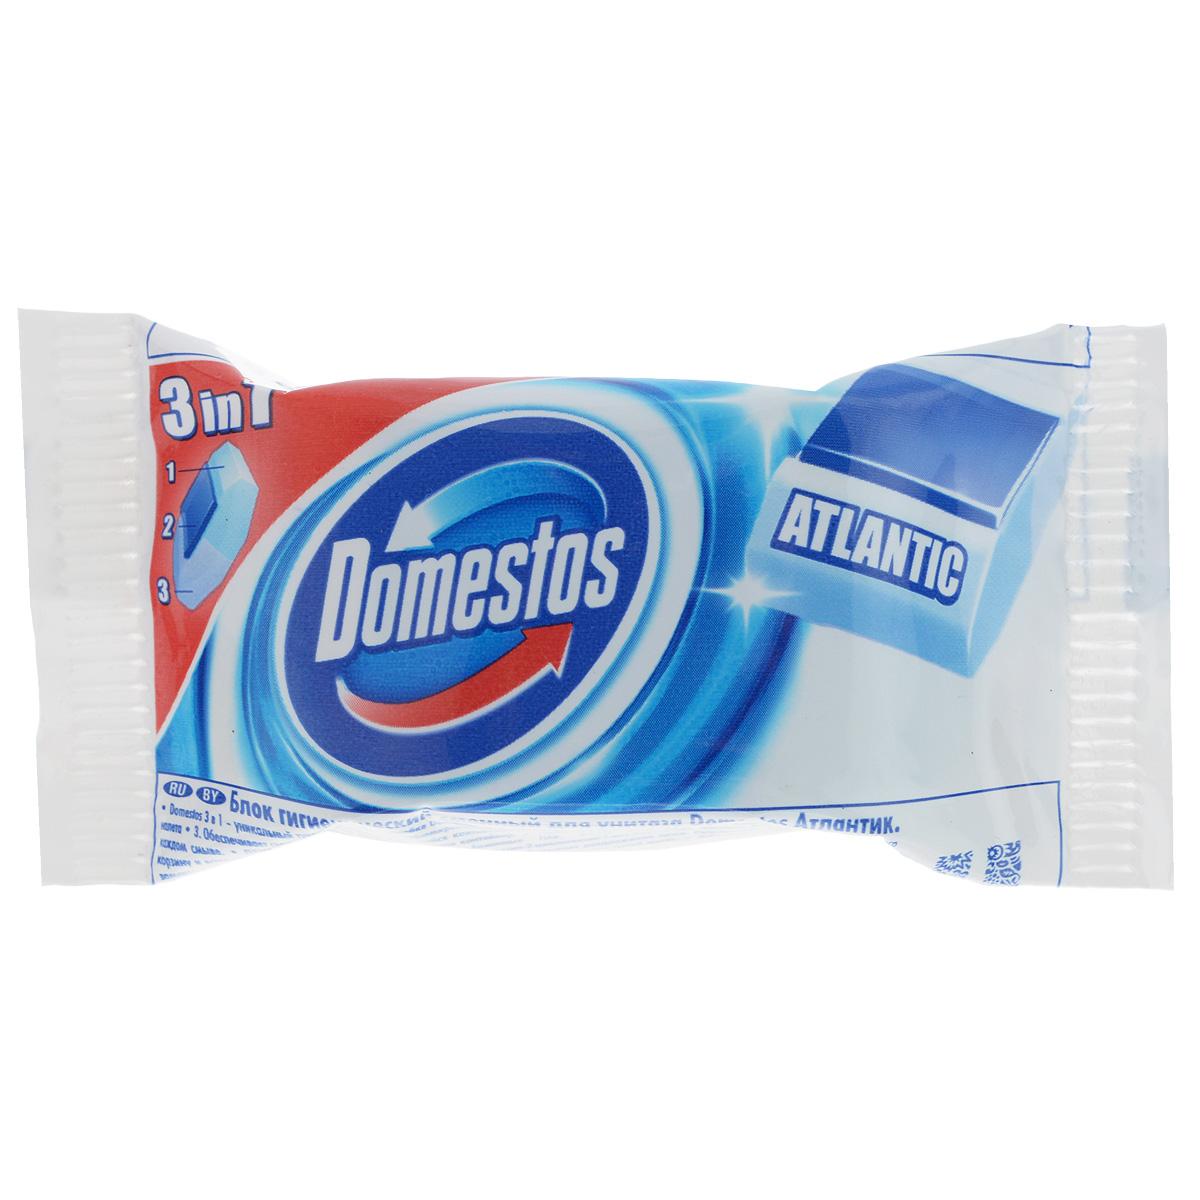 Domestos Блок для унитаза Atlantic 40 гр65413744/8384360Сменный гигиенический блок для унитаза Domestos Атлантик - оптимальное решение для обеспечения не только чистоты и гигиены, но и свежести в вашем туалете. Domestos устраняет источник бактерий, предотвращает появление известкового налета, обеспечивает свежий аромат благодаря парфюмированной гелевой полосе. Обеспечит гигиену в туалете при каждом смыве. Легко заменяется. Состав: более 30% анионные ПАВ, 5-15% отдушка, менее 5%: ароматические углеводороды, 2-(4-третбутилбензил) пропиональдегид, фосфаты, 3-Метил-4-(2,6,6-триметил-2-циклогексен-1-ил)-3-бутен-2-он, лимонен, бензиновый спирт, гексилциннамаль, линалоол, цитронеллол. Товар сертифицирован.